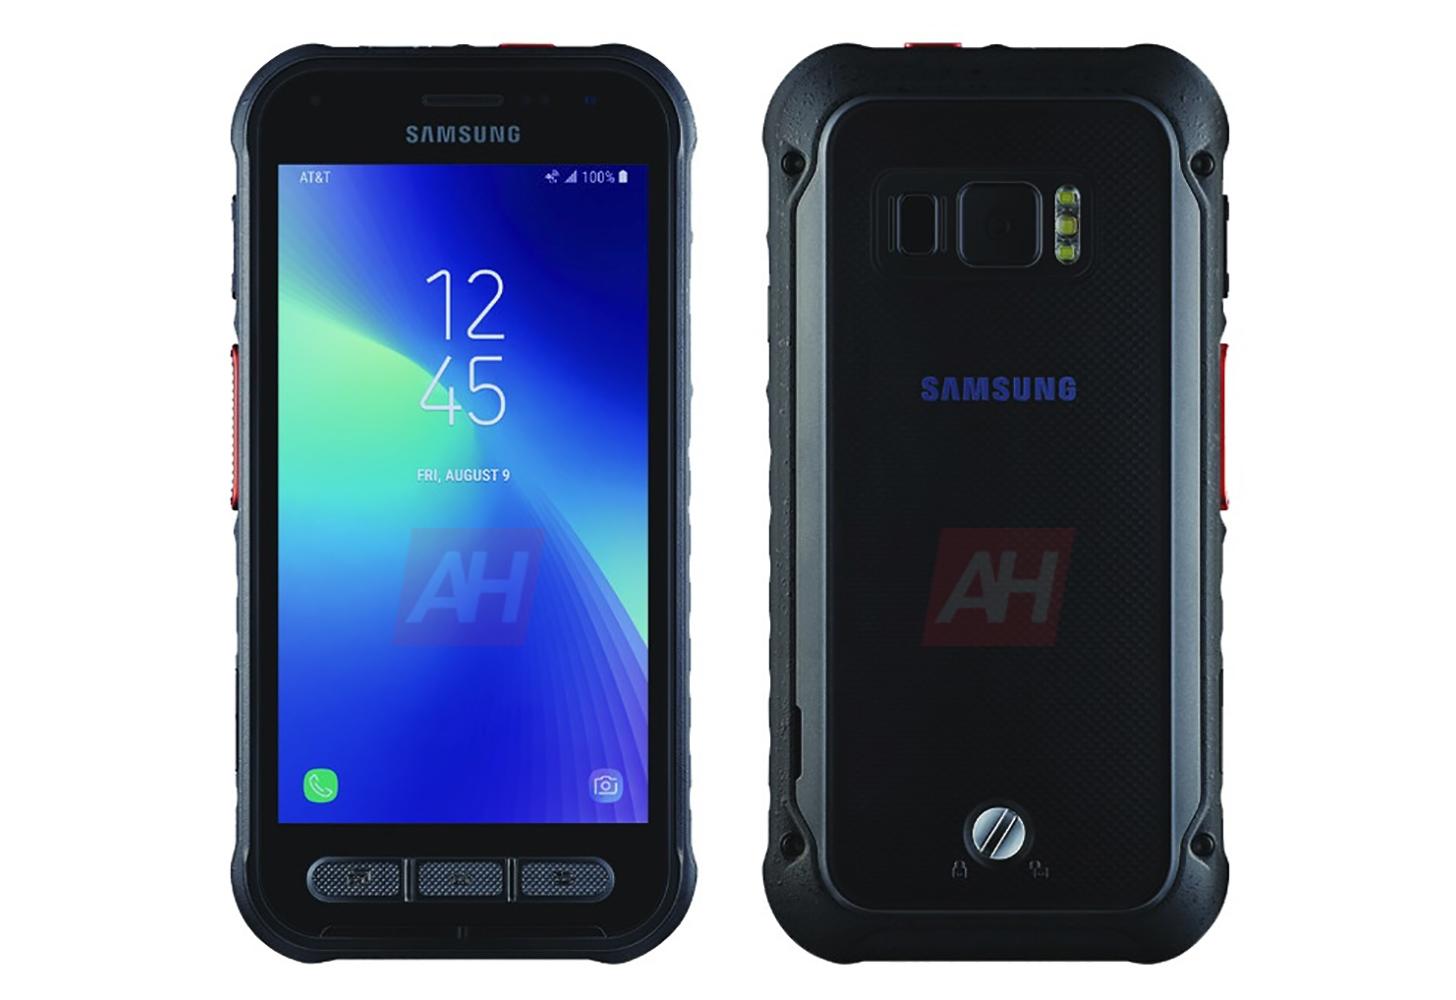 Uusi Samsung Galaxy S Aktiivinen AT&T -puhelin näkyy kuvassa …